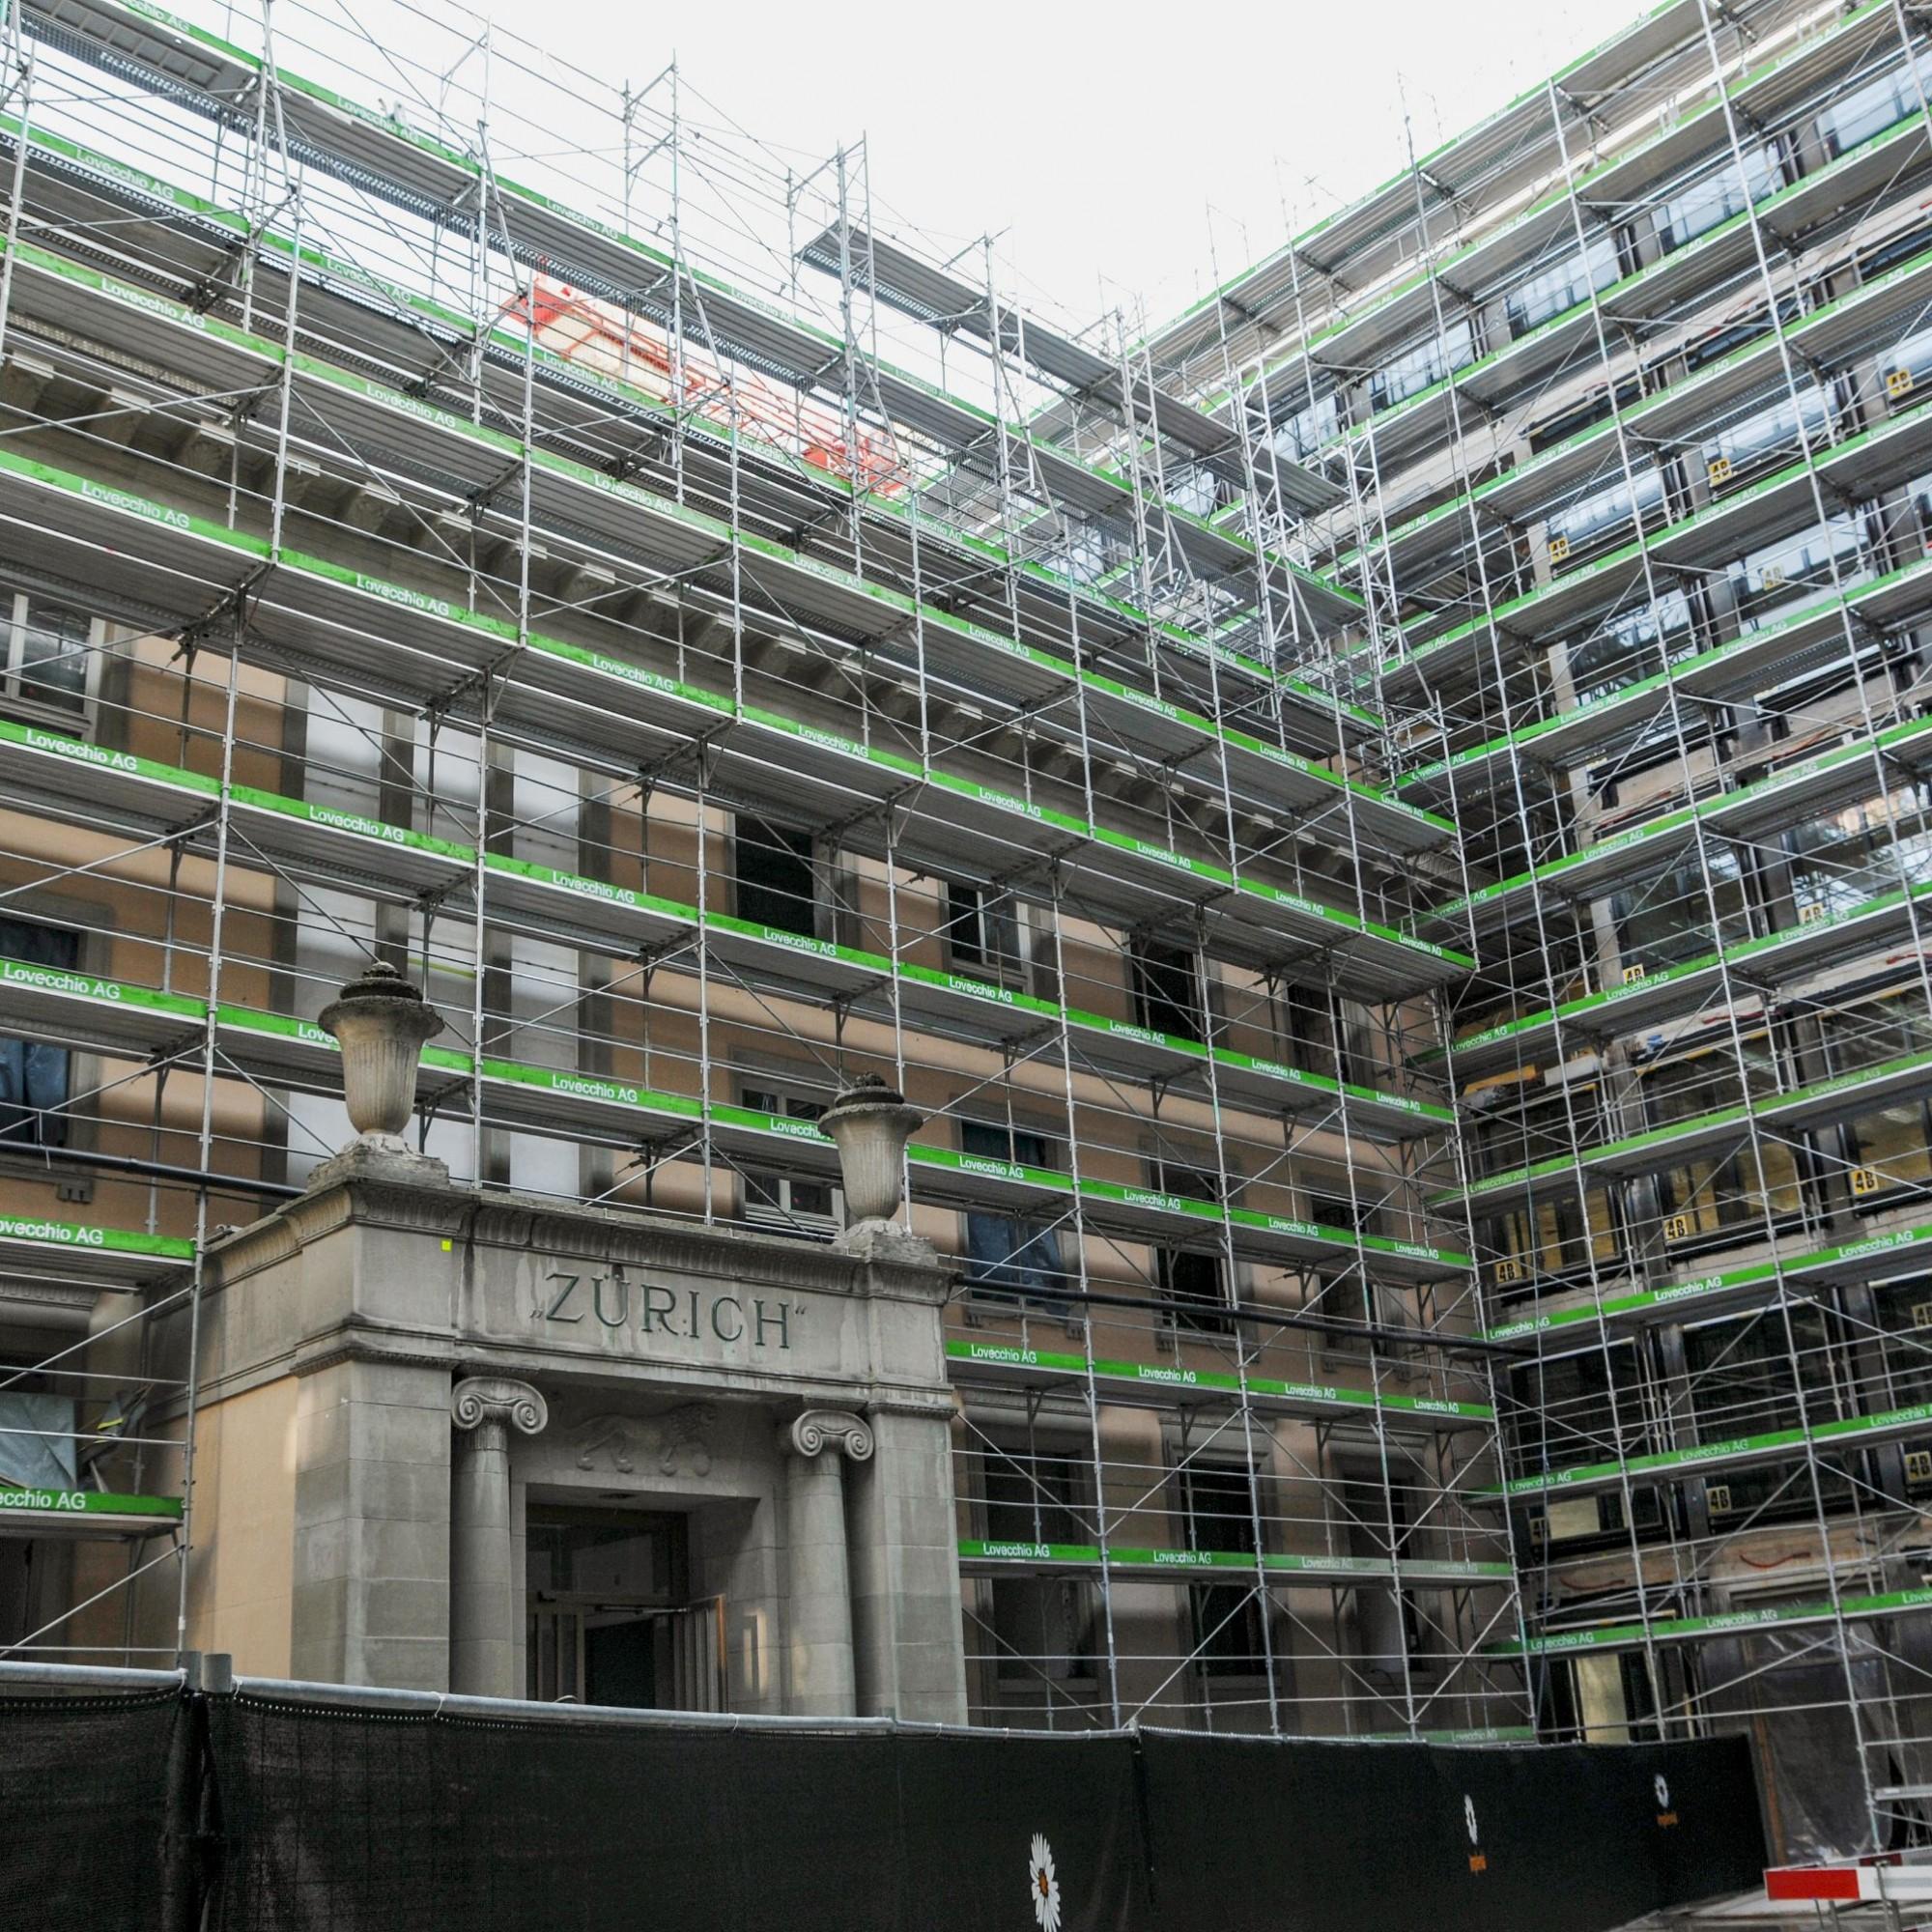 Alt neben neu: Im zentralen Verwaltungsgebäude, dessen ionische Säulen an einen Tempel erinnern, befanden sich die ersten Grossraumbüros der Stadt.